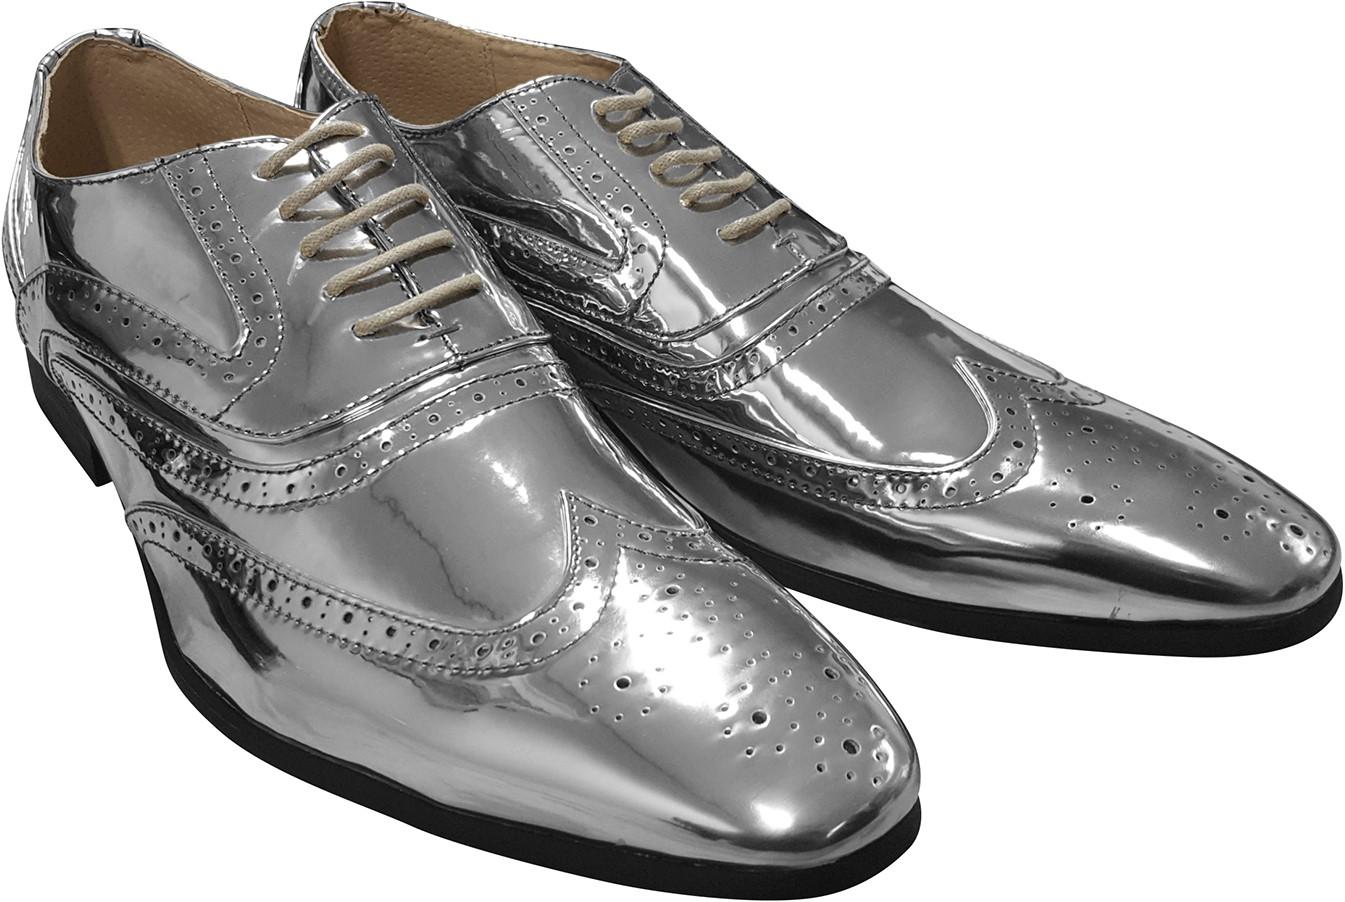 Wonderbaarlijk Heren Schoenen Zilver Luxe FH-29